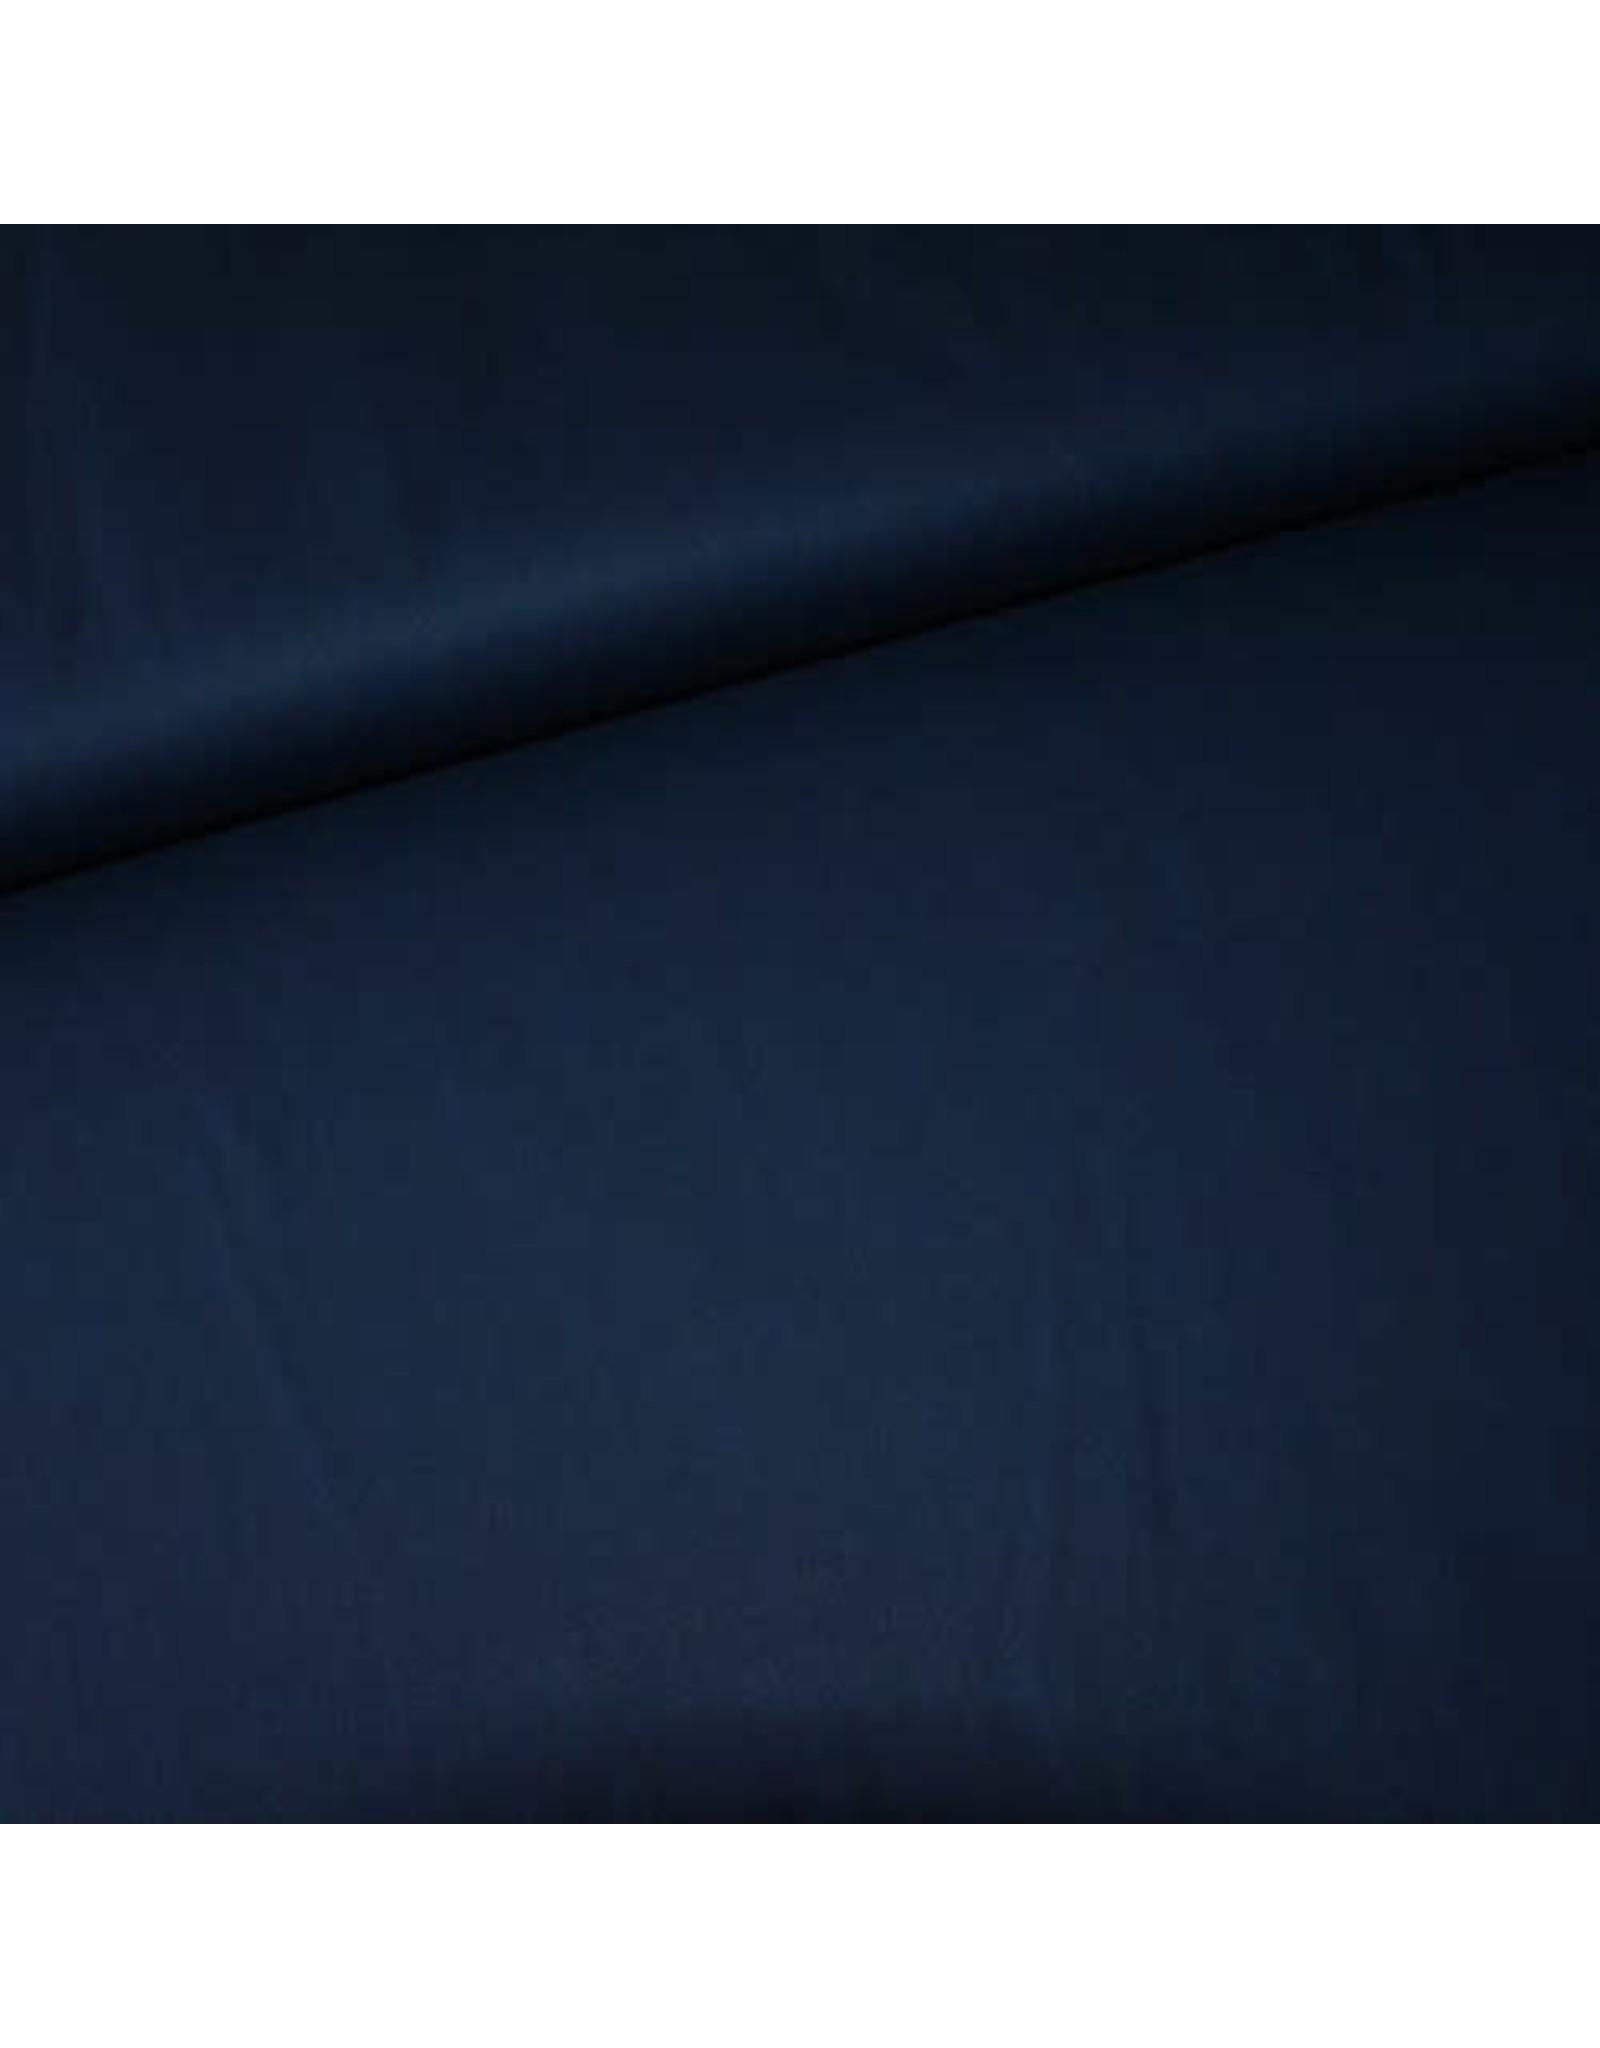 Stik-Stof Donkerblauwe katoen